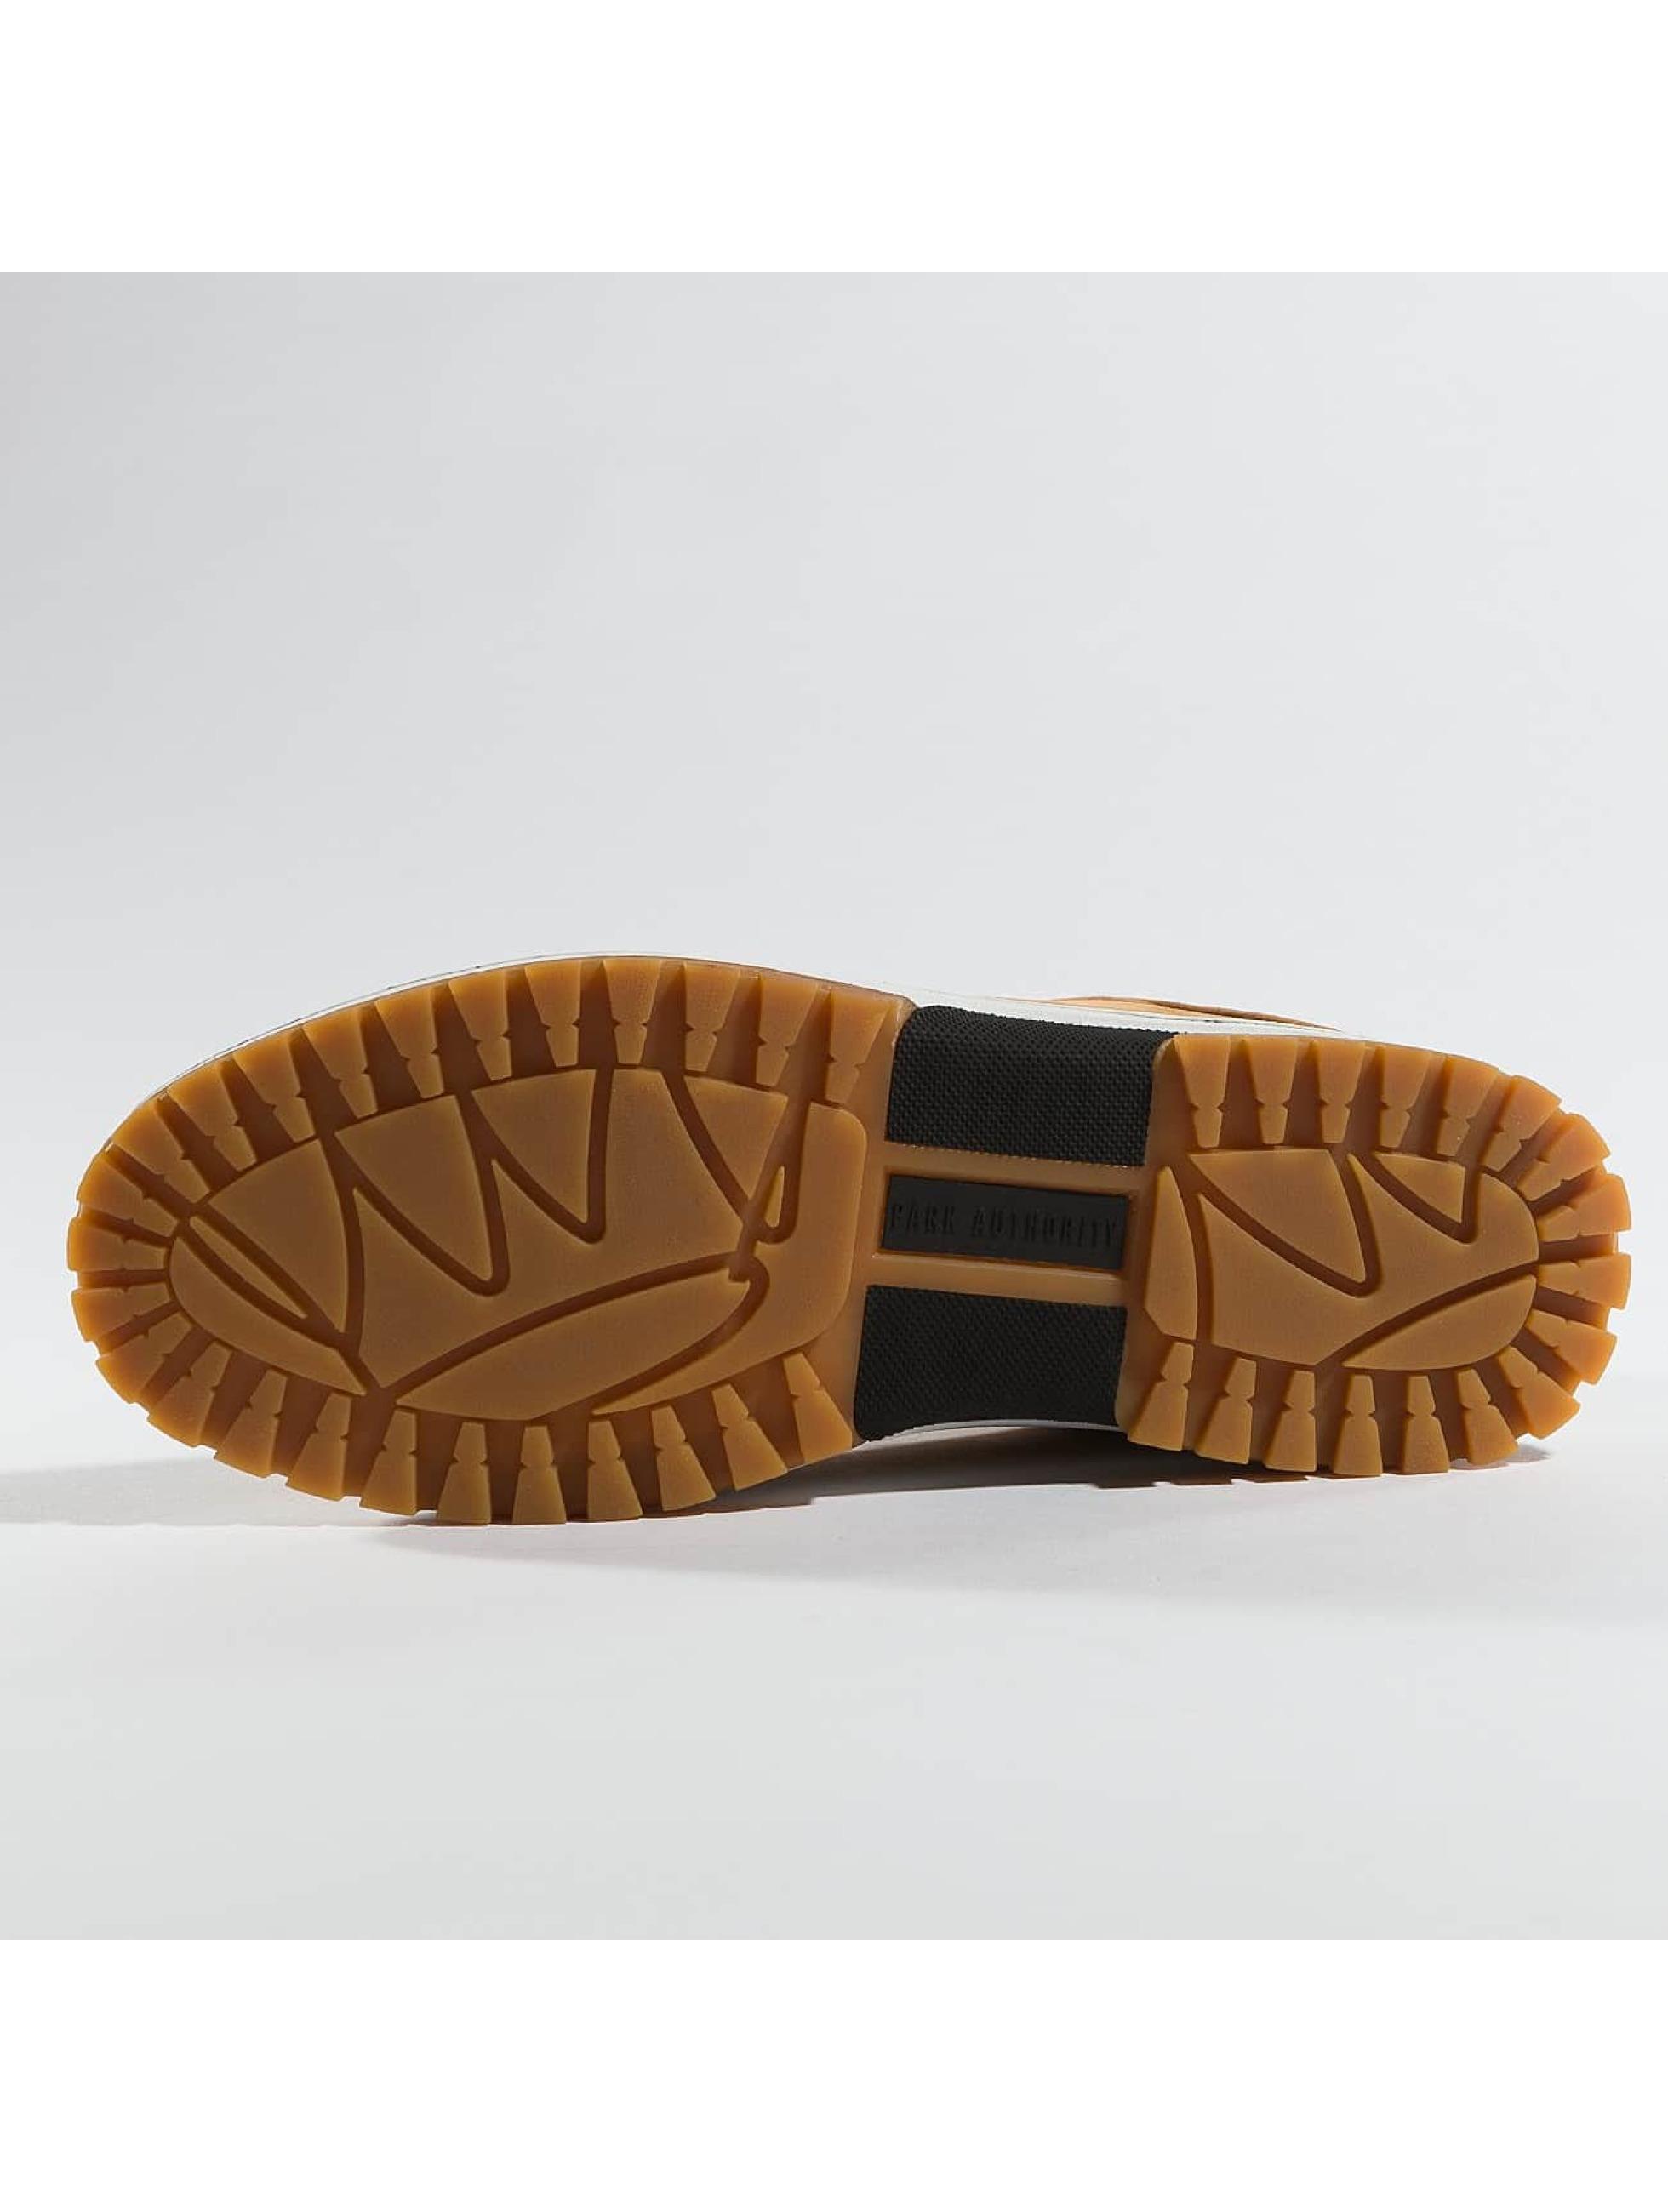 K1X Boots H1ke Territory brown